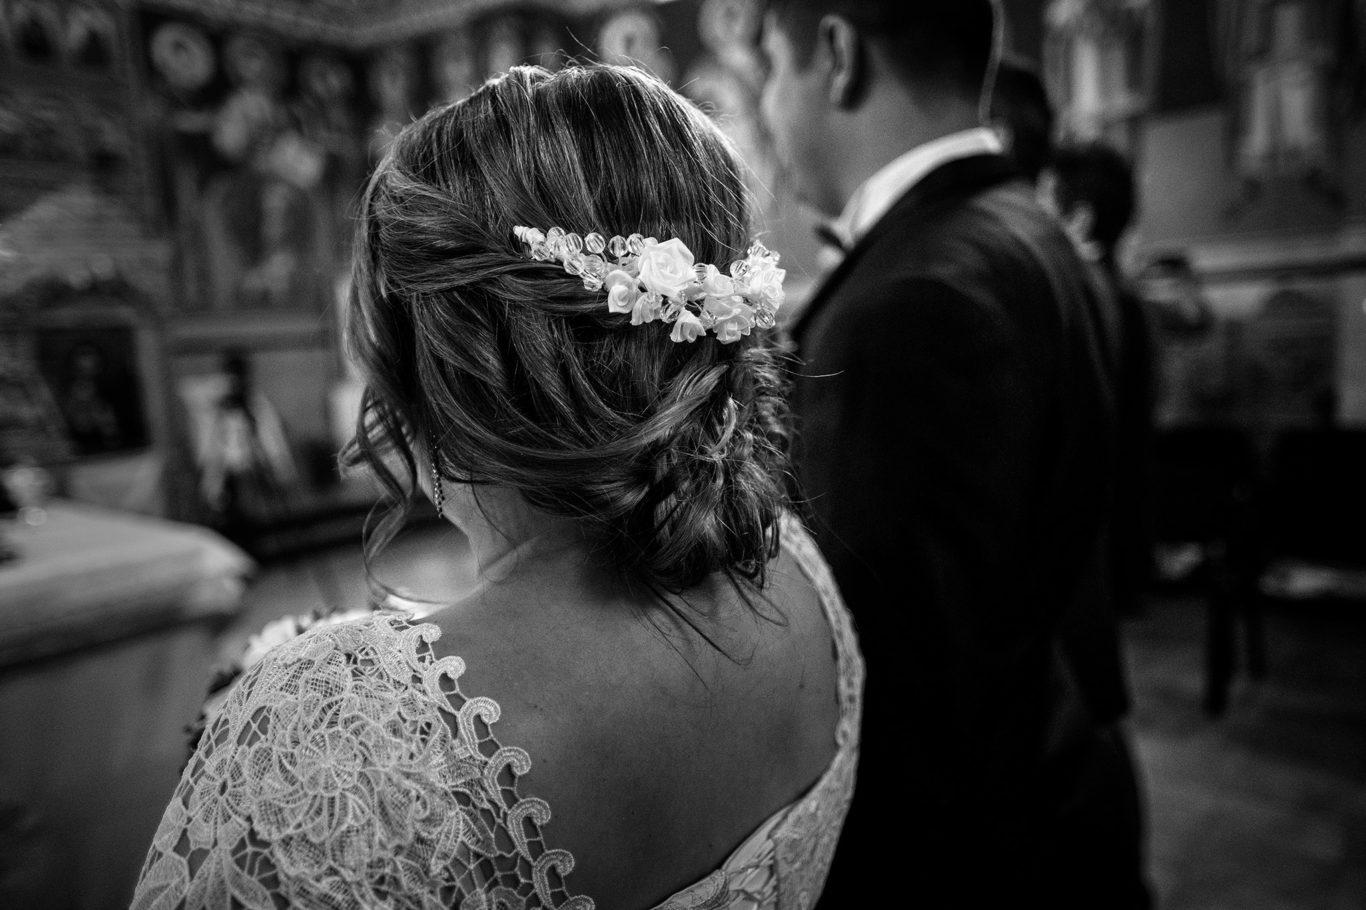 0176-Fotografie-nunta-Flory-Cristi-fotograf-Ciprian-Dumitrescu-DSCF8032